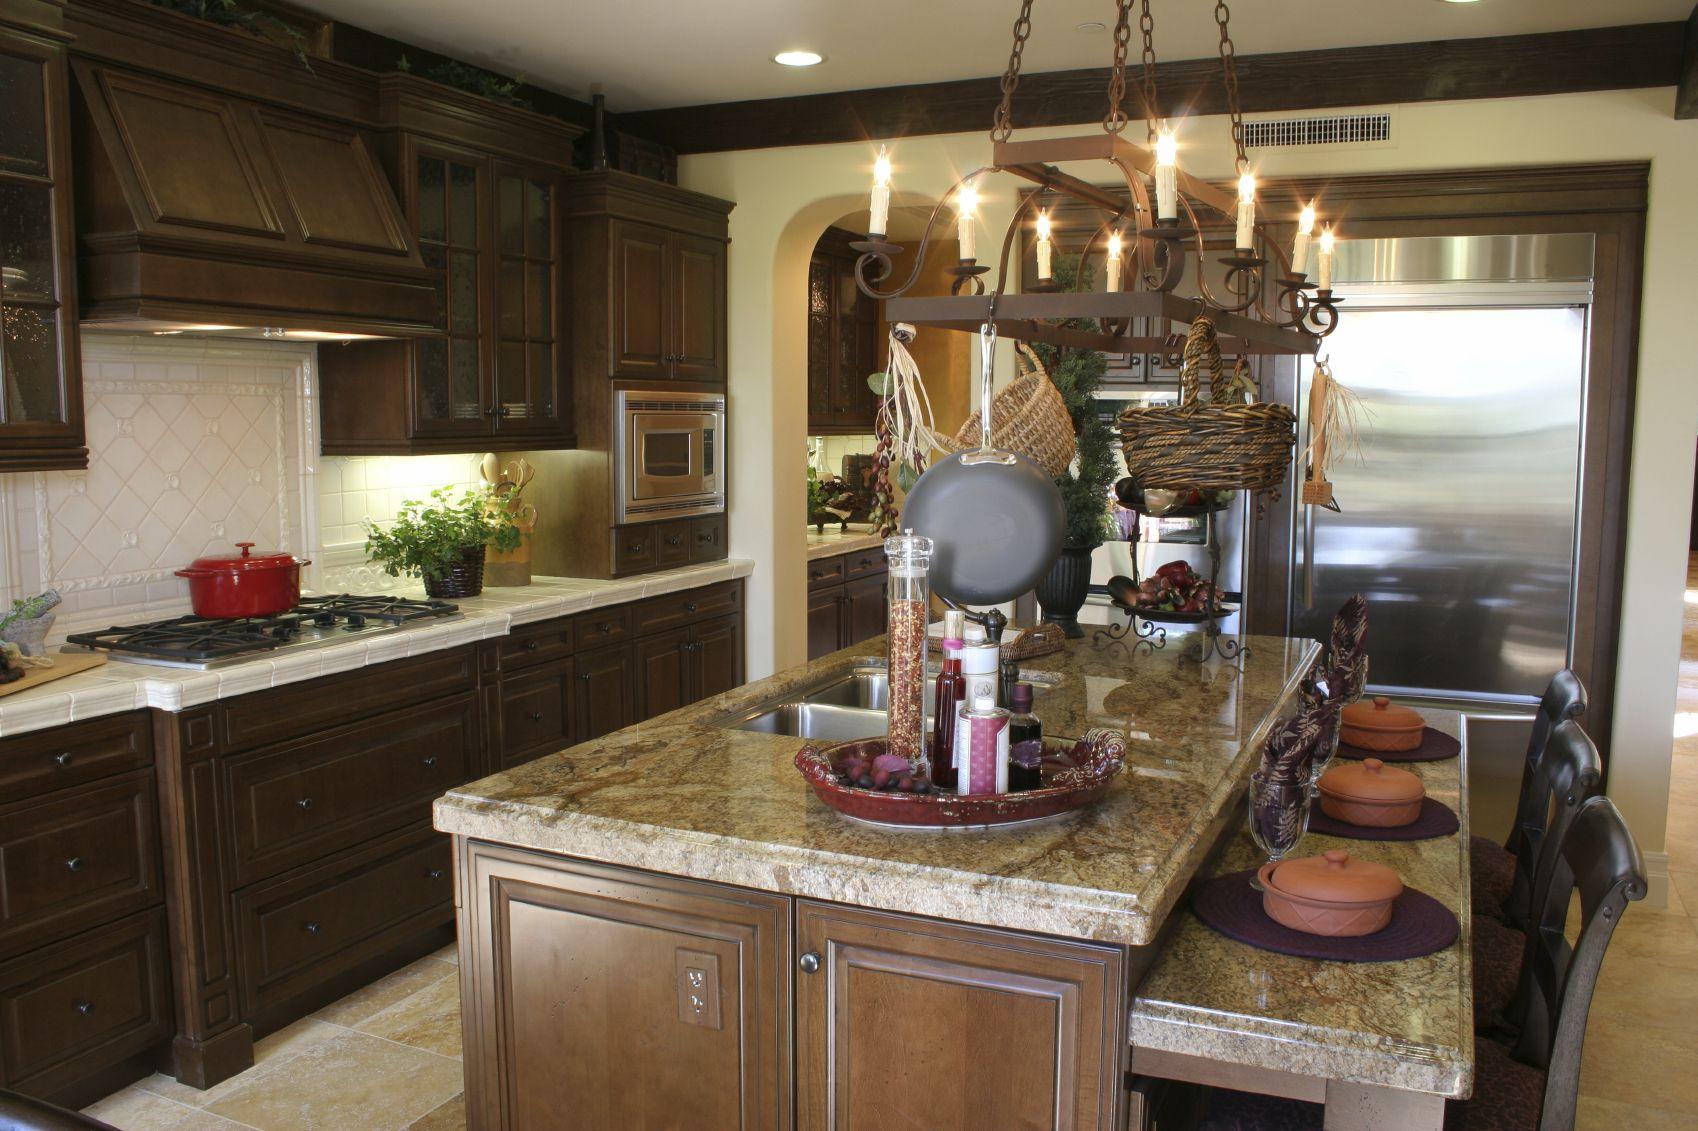 101 custom kitchen design ideas (pictures) | kitchen